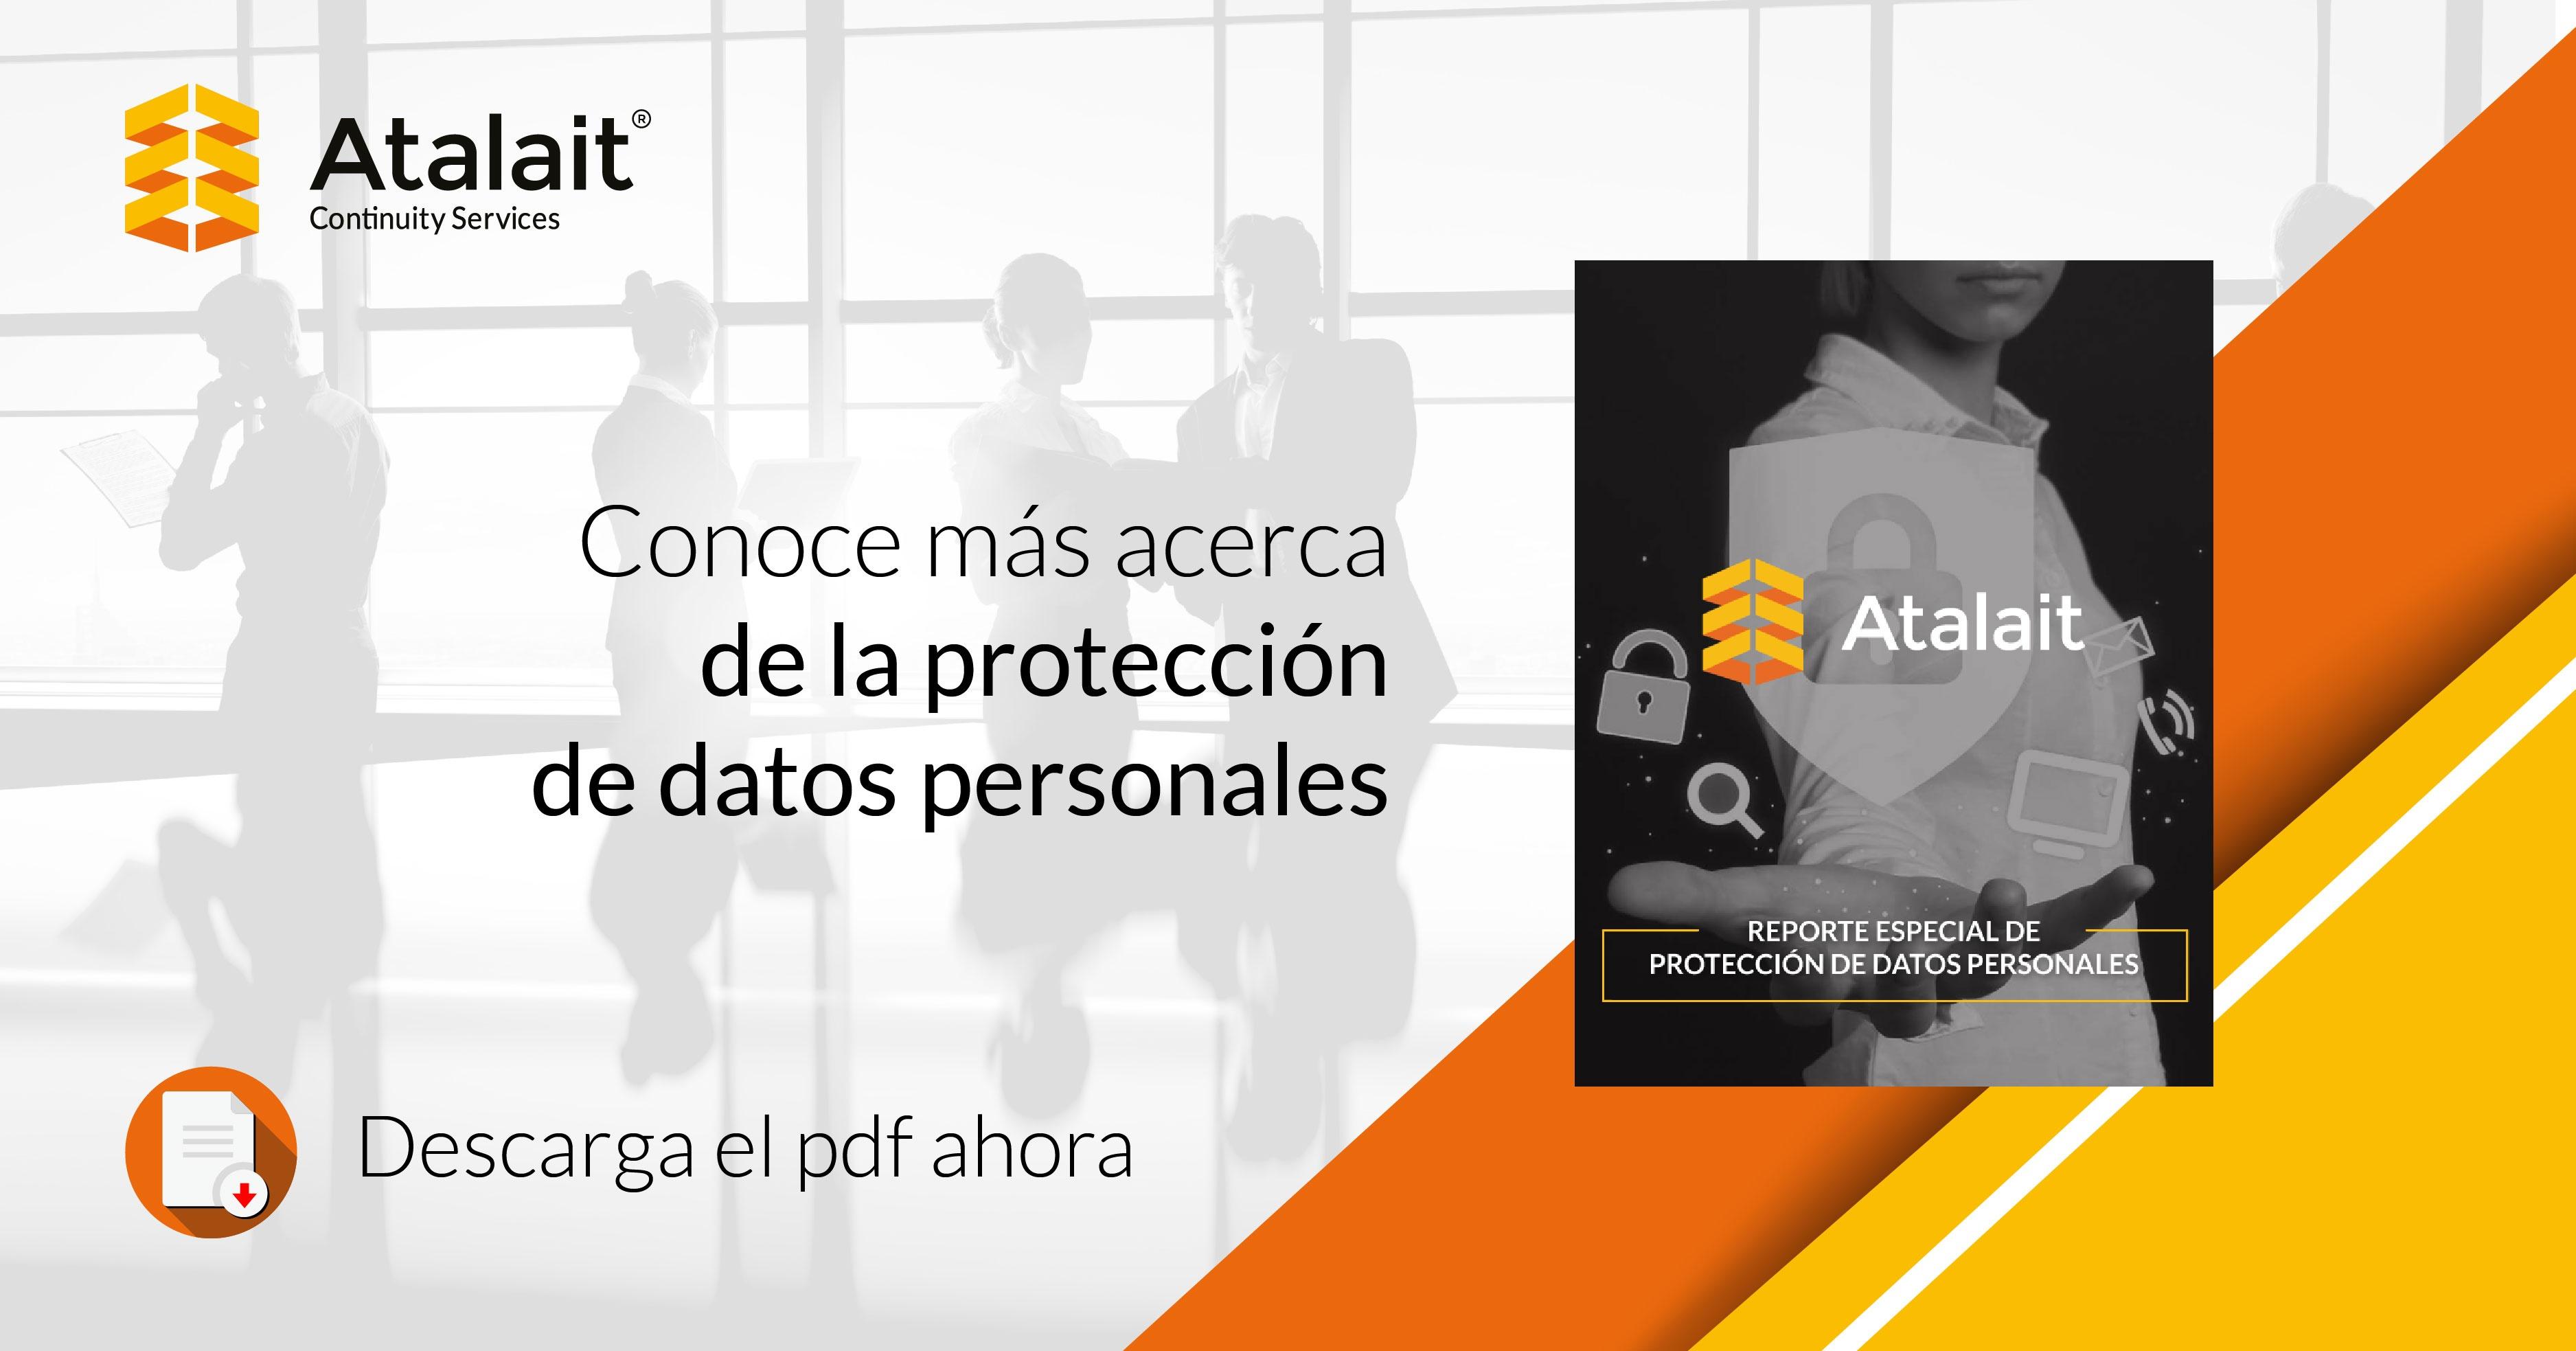 Reporte Especial de Protección de Datos personales